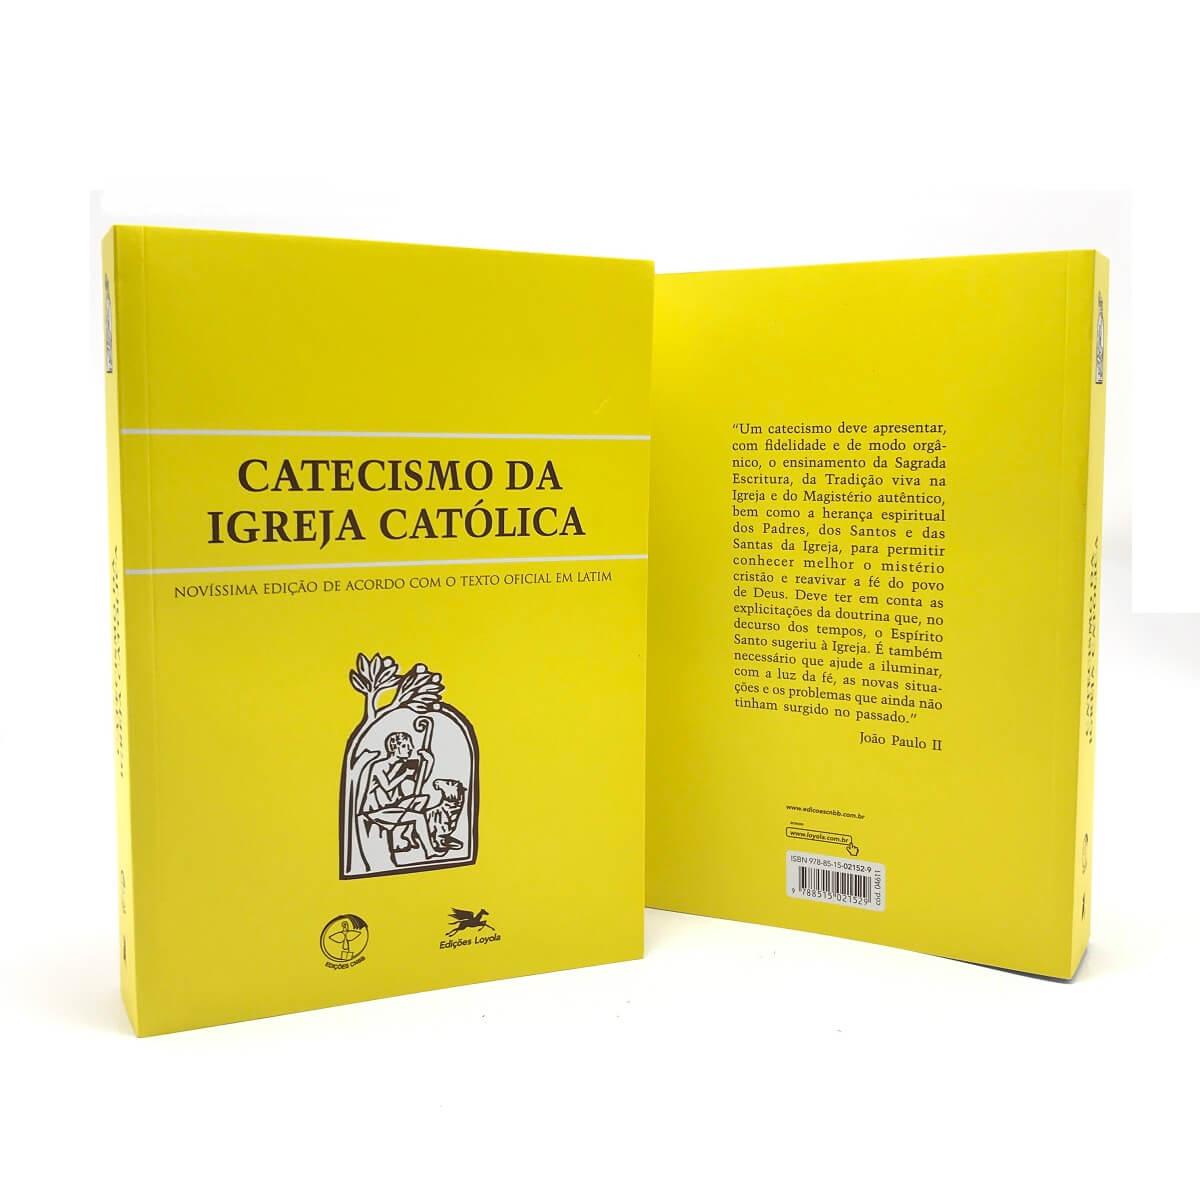 Catecismo da Igreja Católica Livro Bolso